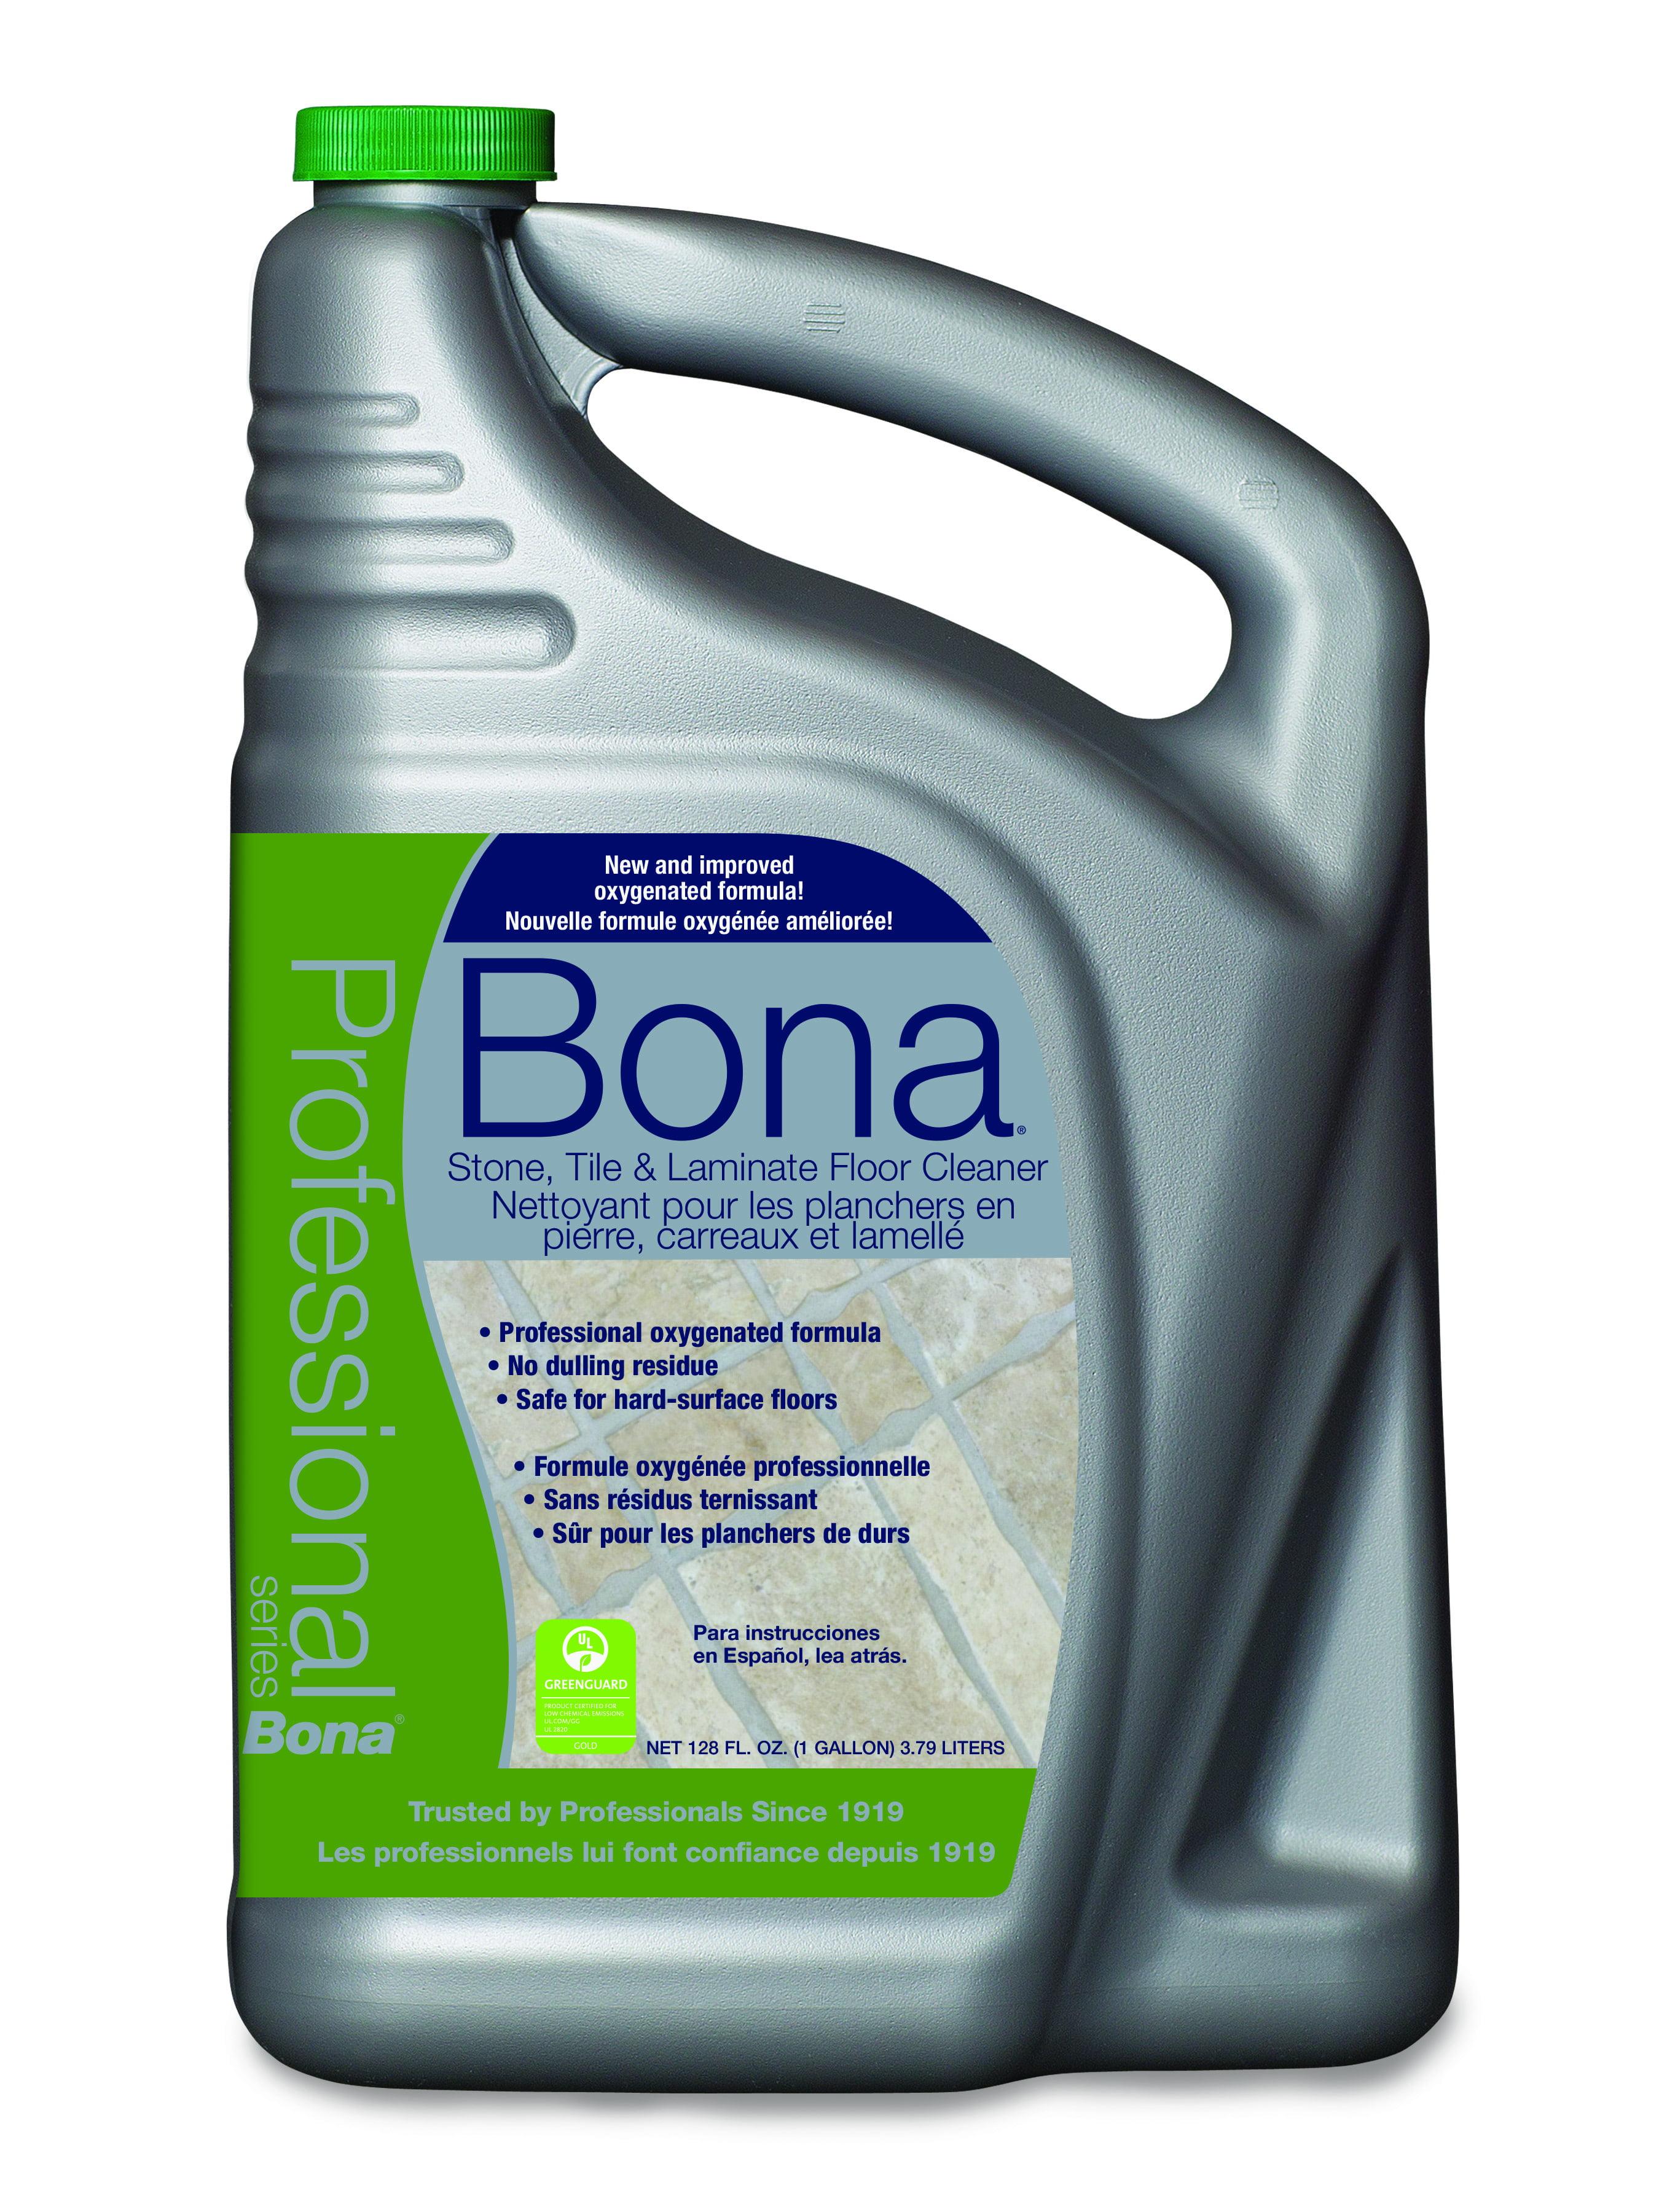 Bona Pro Series Stone, Tile & Laminate Floor Cleaner, 1 gal Refill Bottle